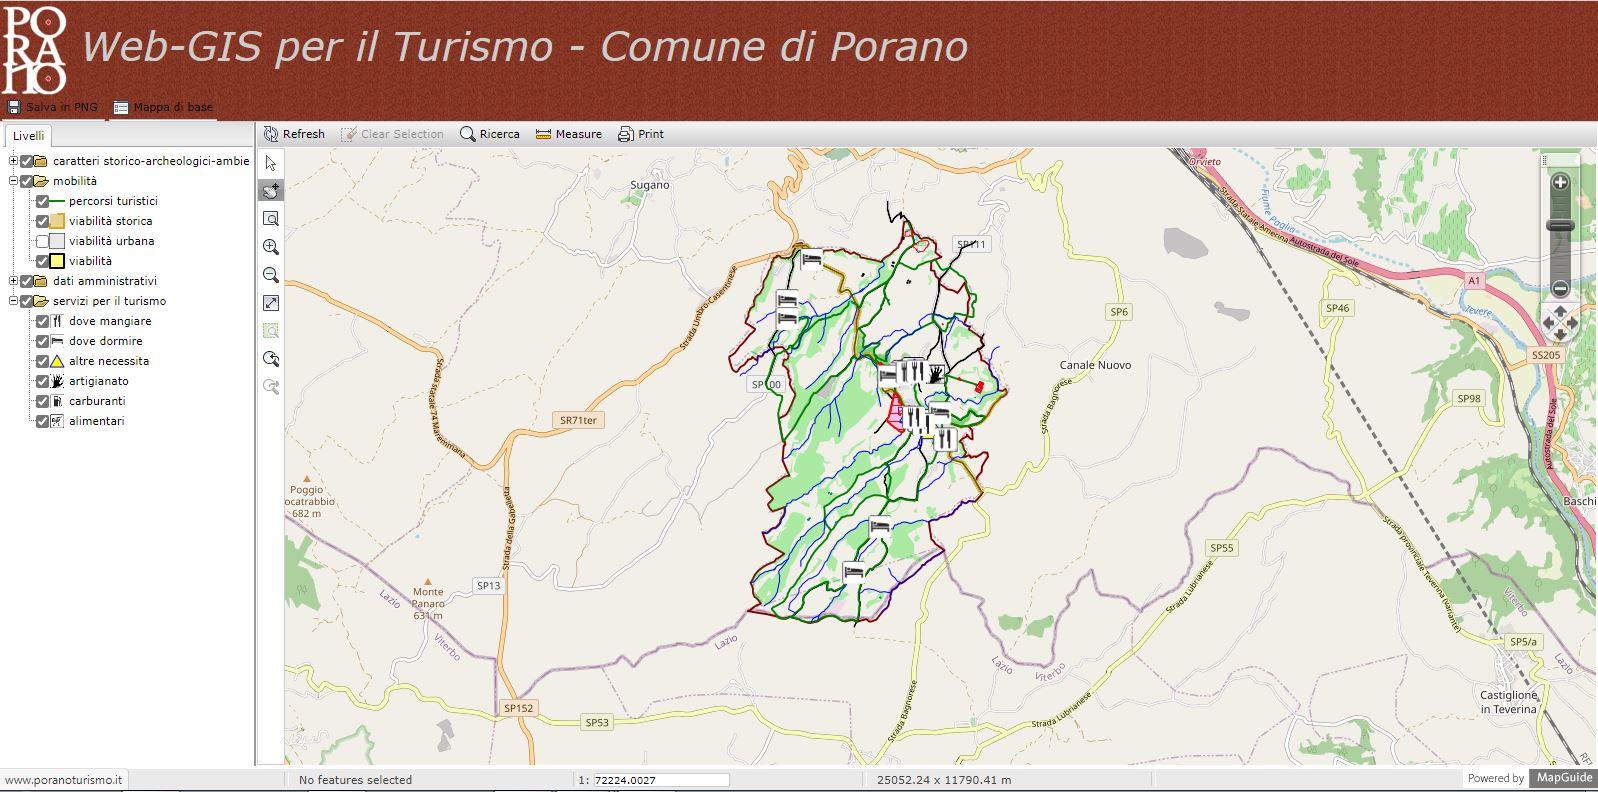 WEB-GIS portale turistico Comune di Porano TR